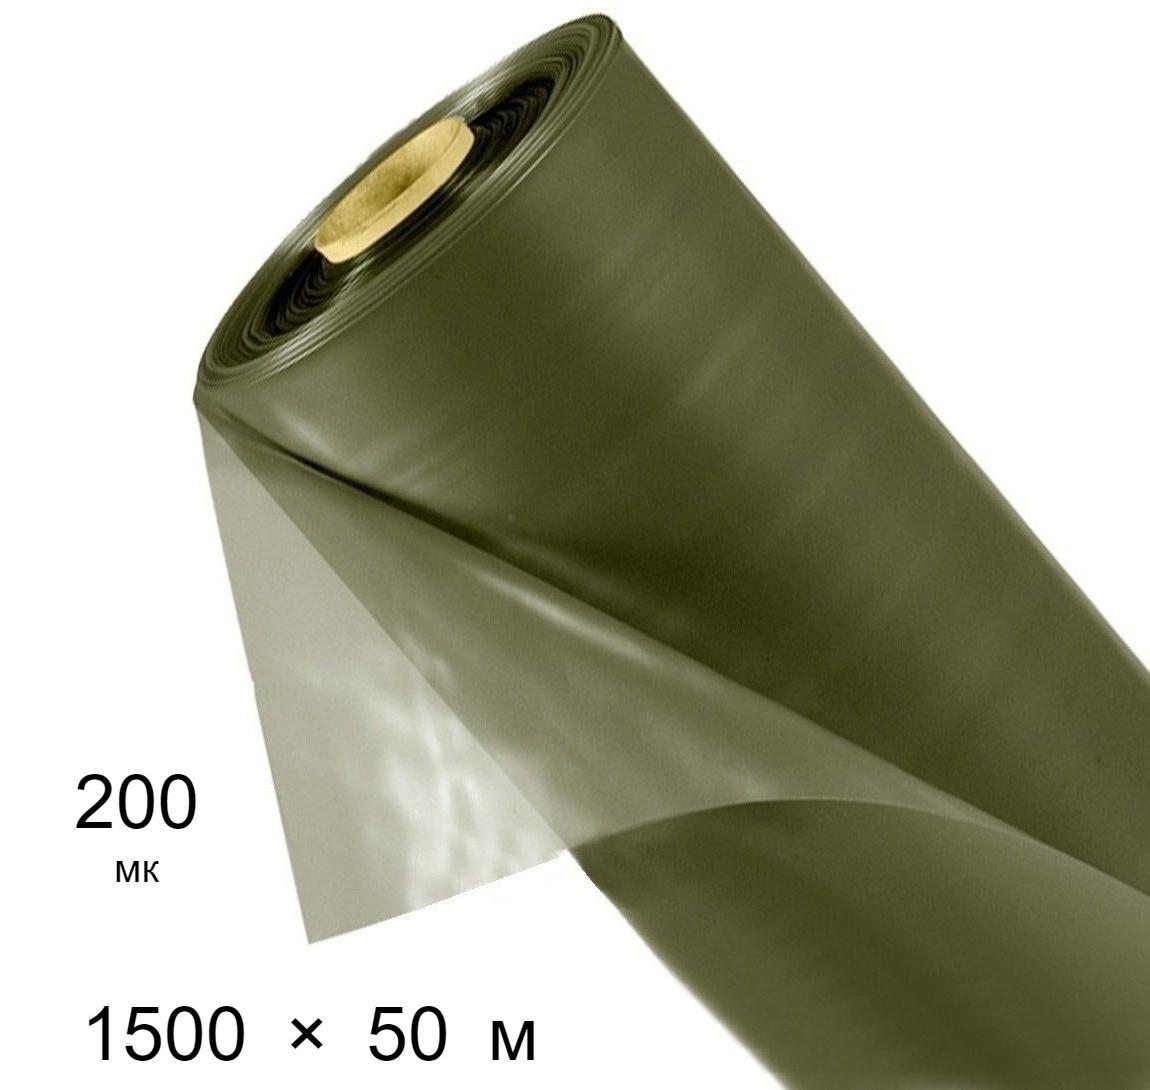 Пленка строительная 200 мкм - 1500 мм × 50 м